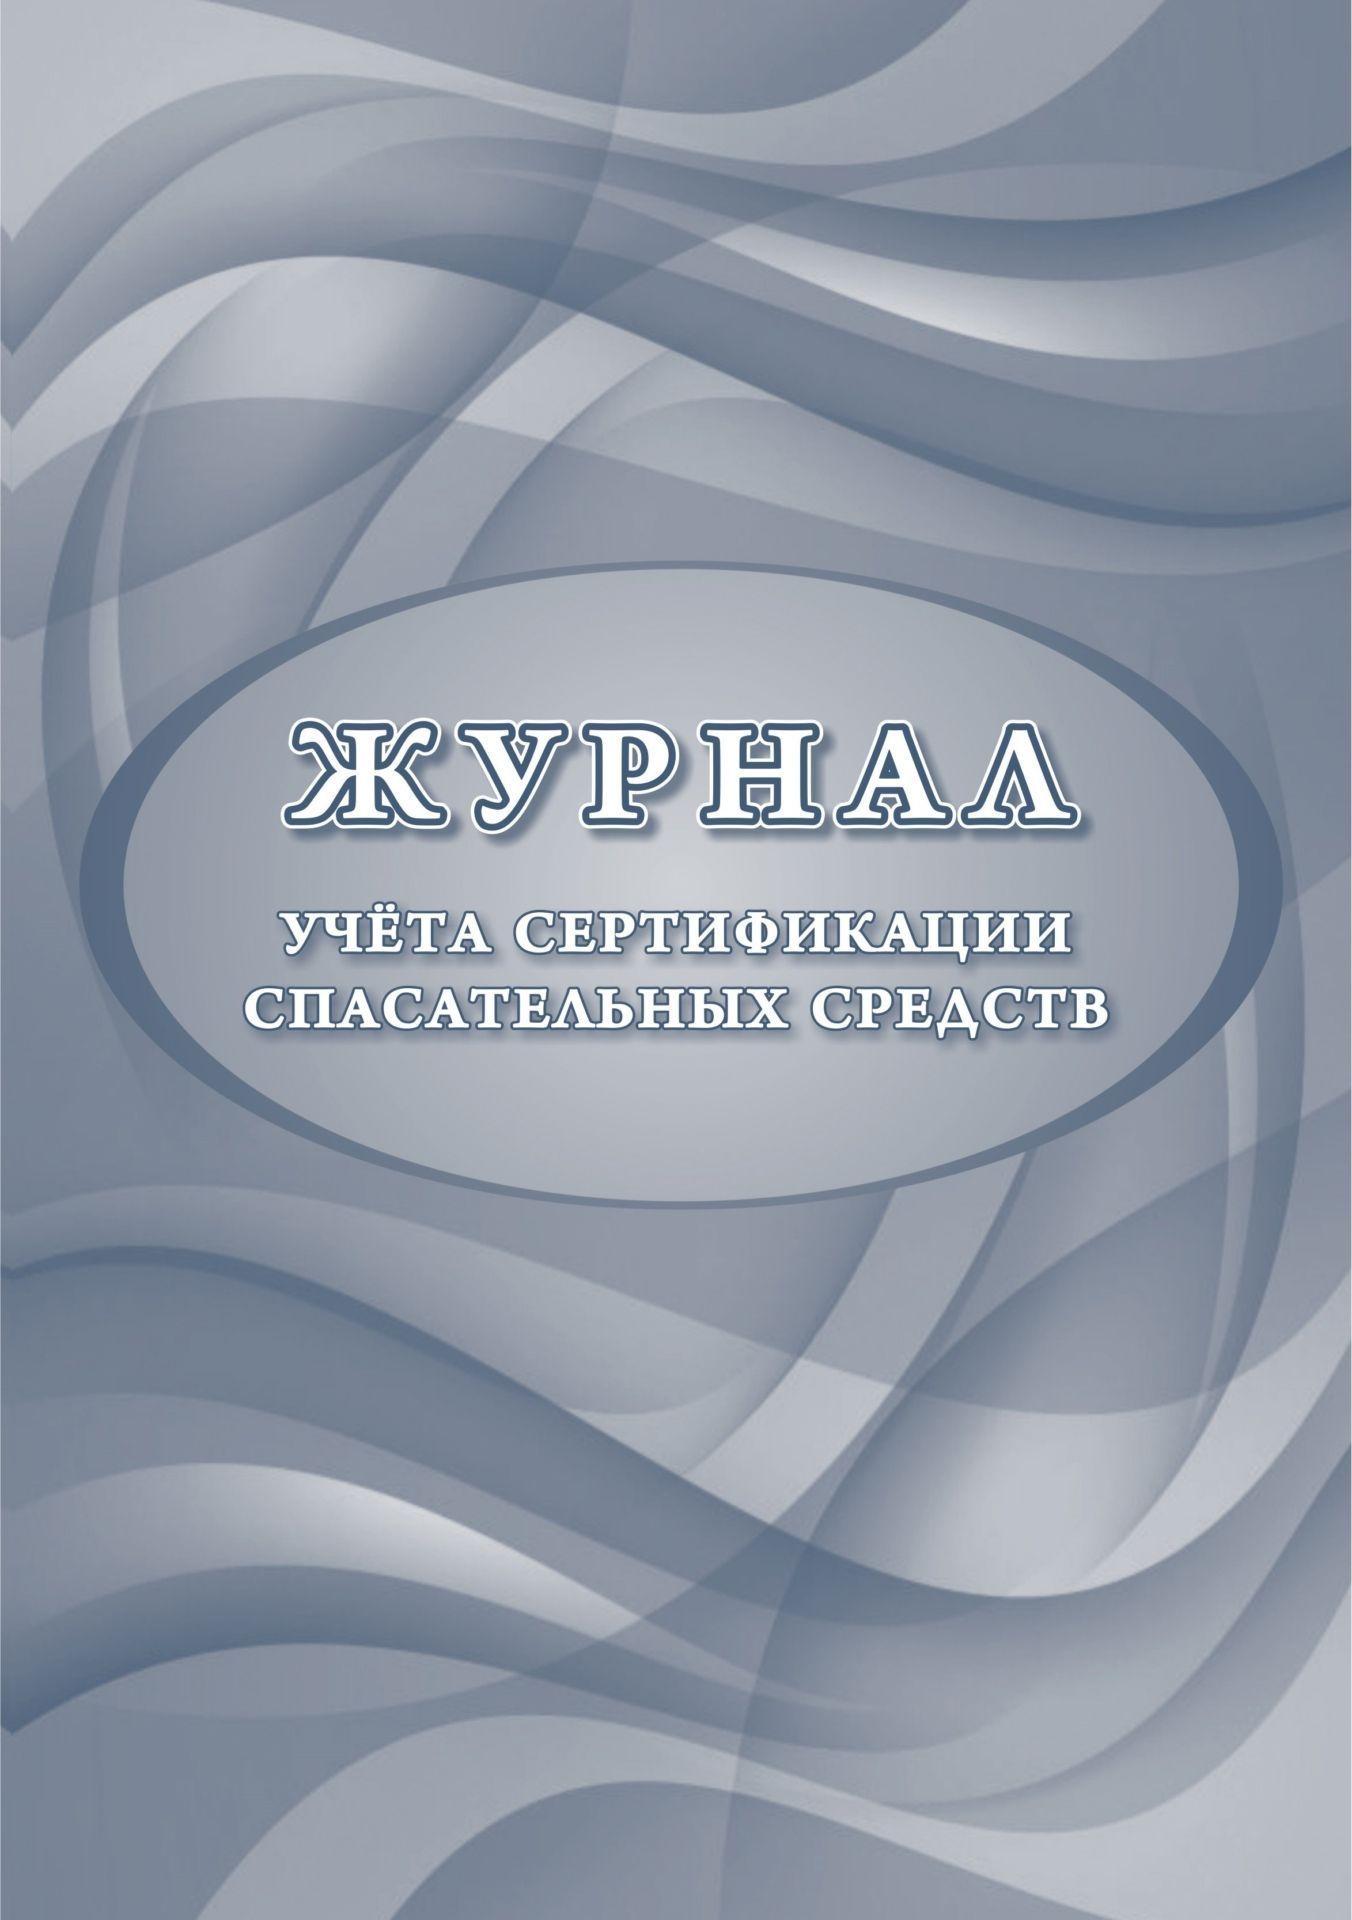 Журнал учета сертификации спасательных средств